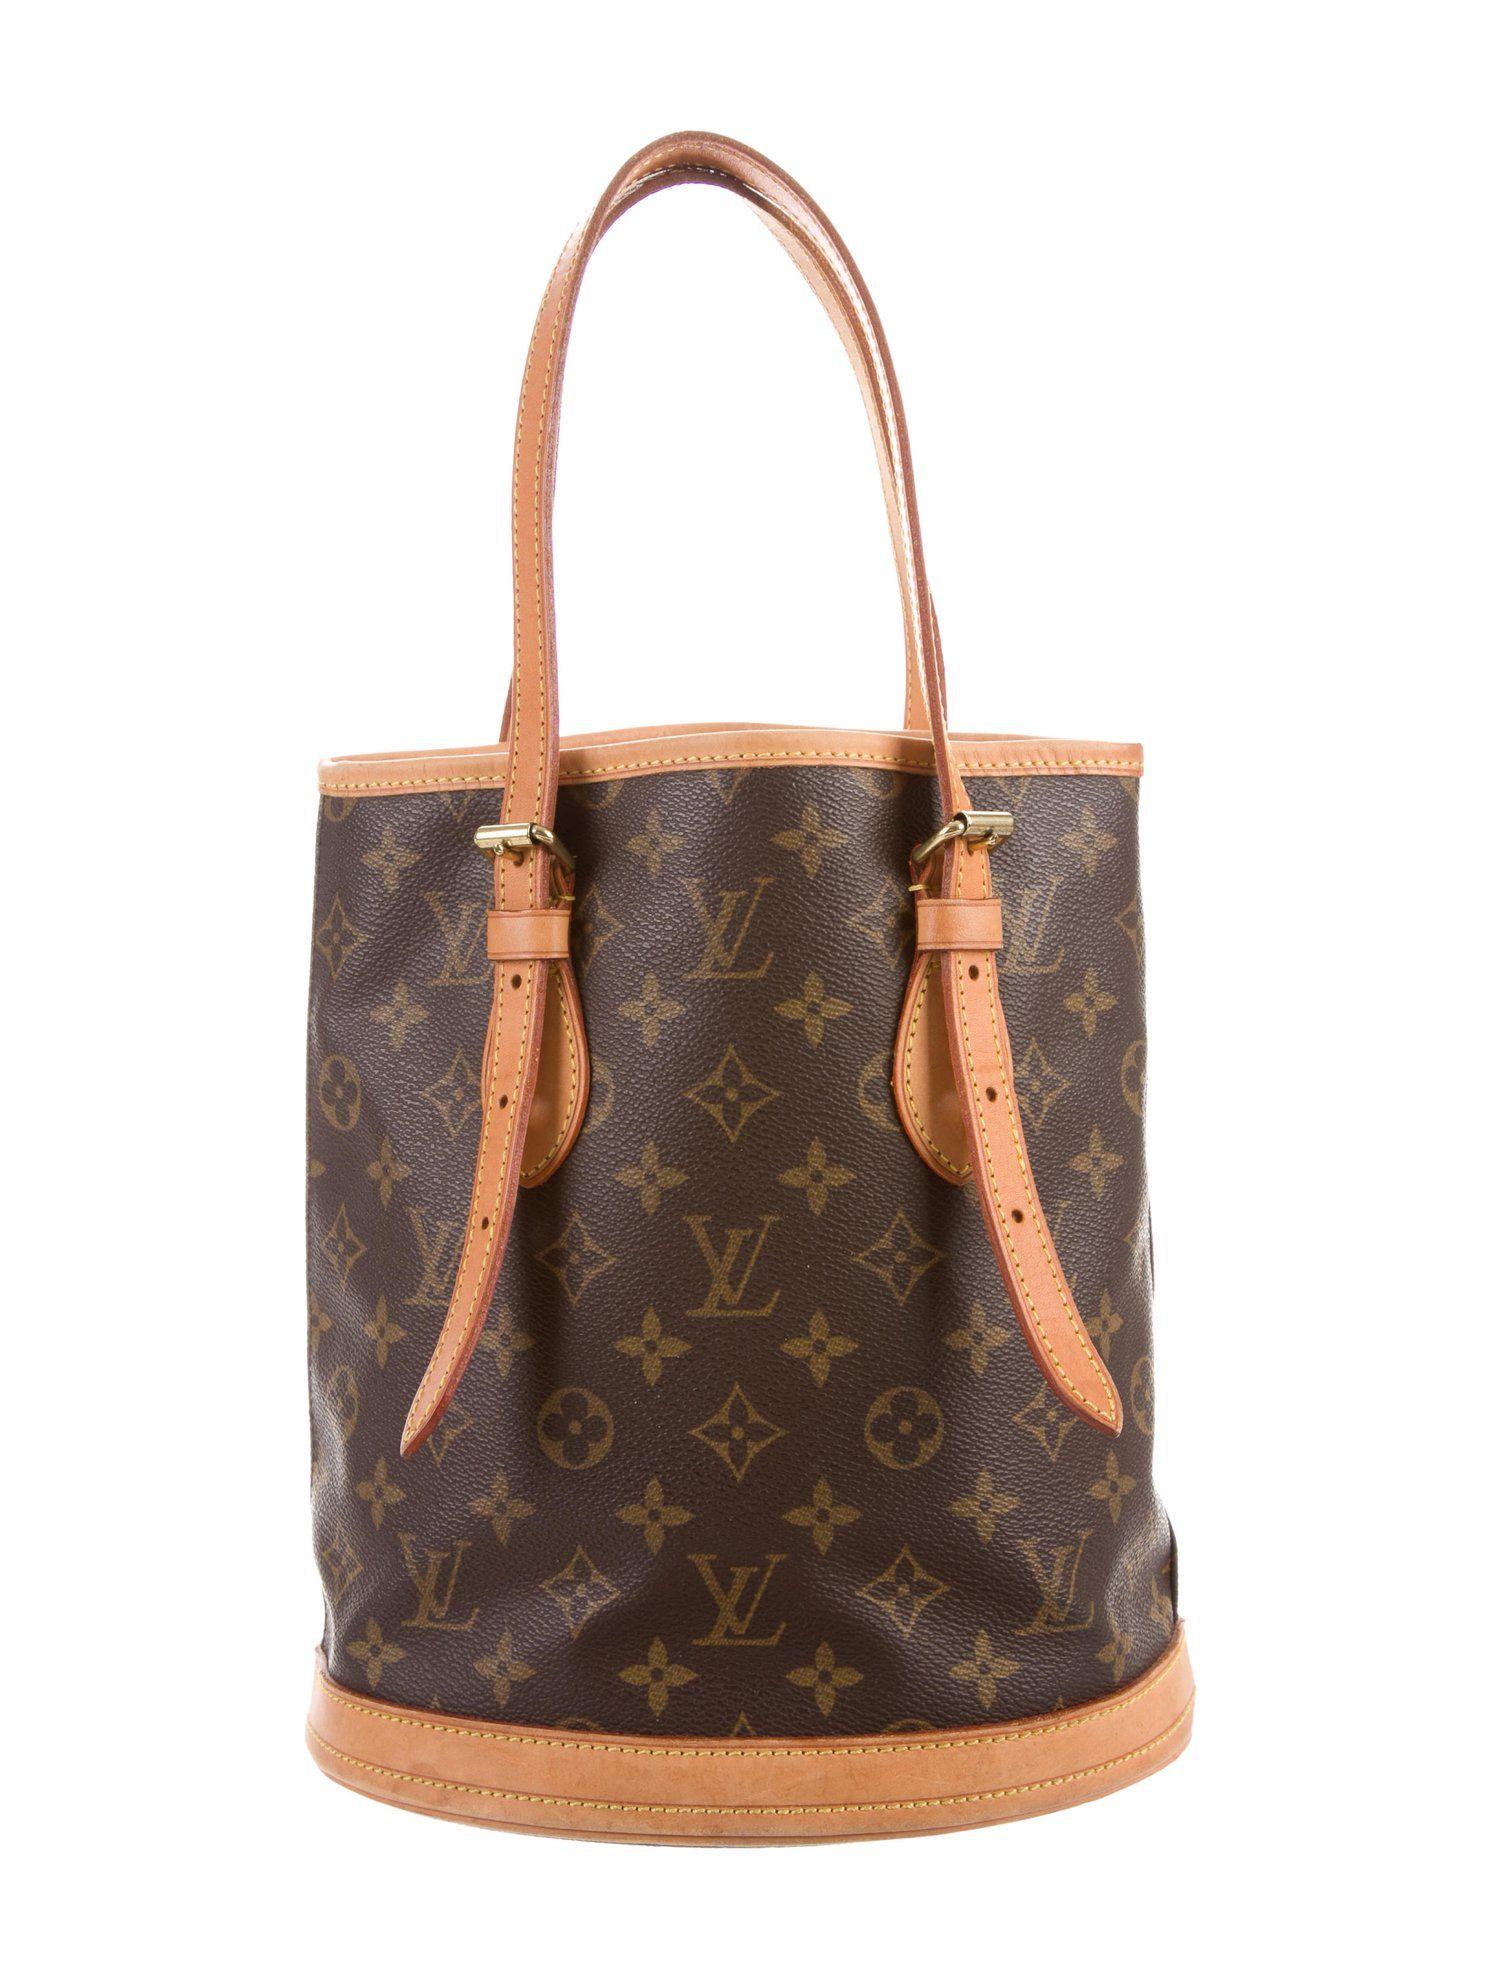 d24e3415102e Louis Vuitton Monogram Bucket PM - Handbags - LOU162046